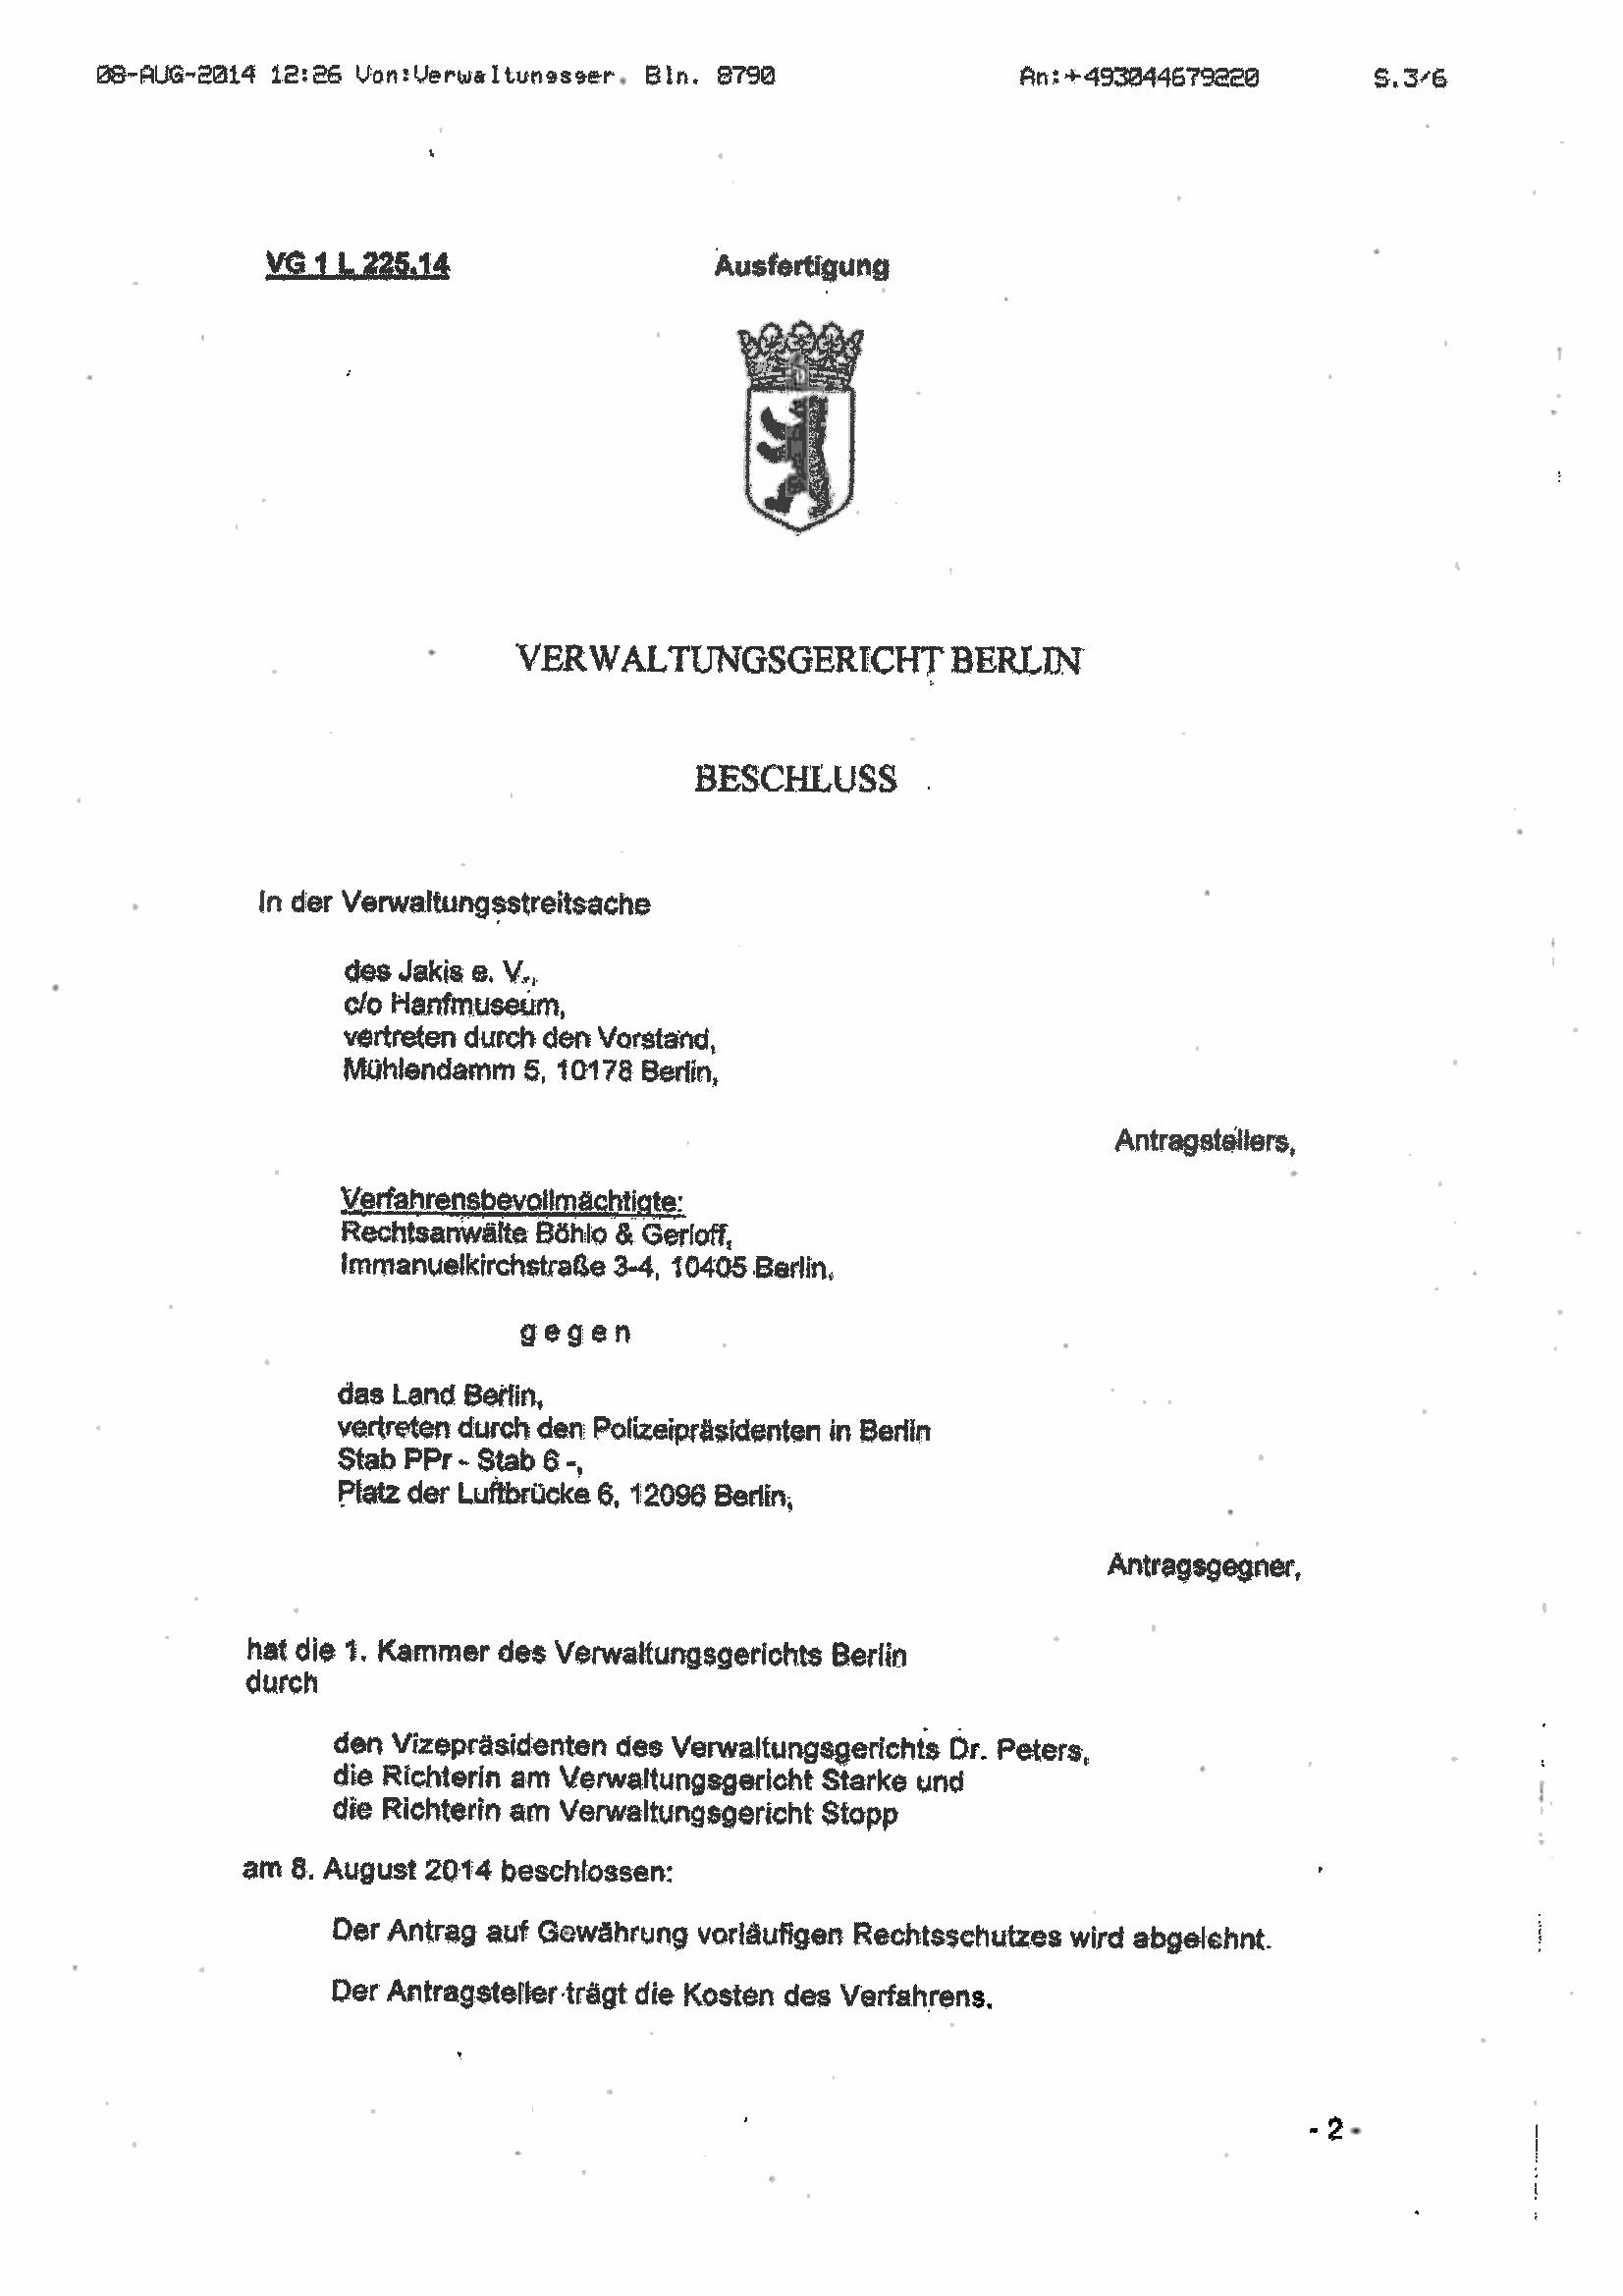 Scan von Seite 1 des Beschlusses des Verwaltungsgerichts